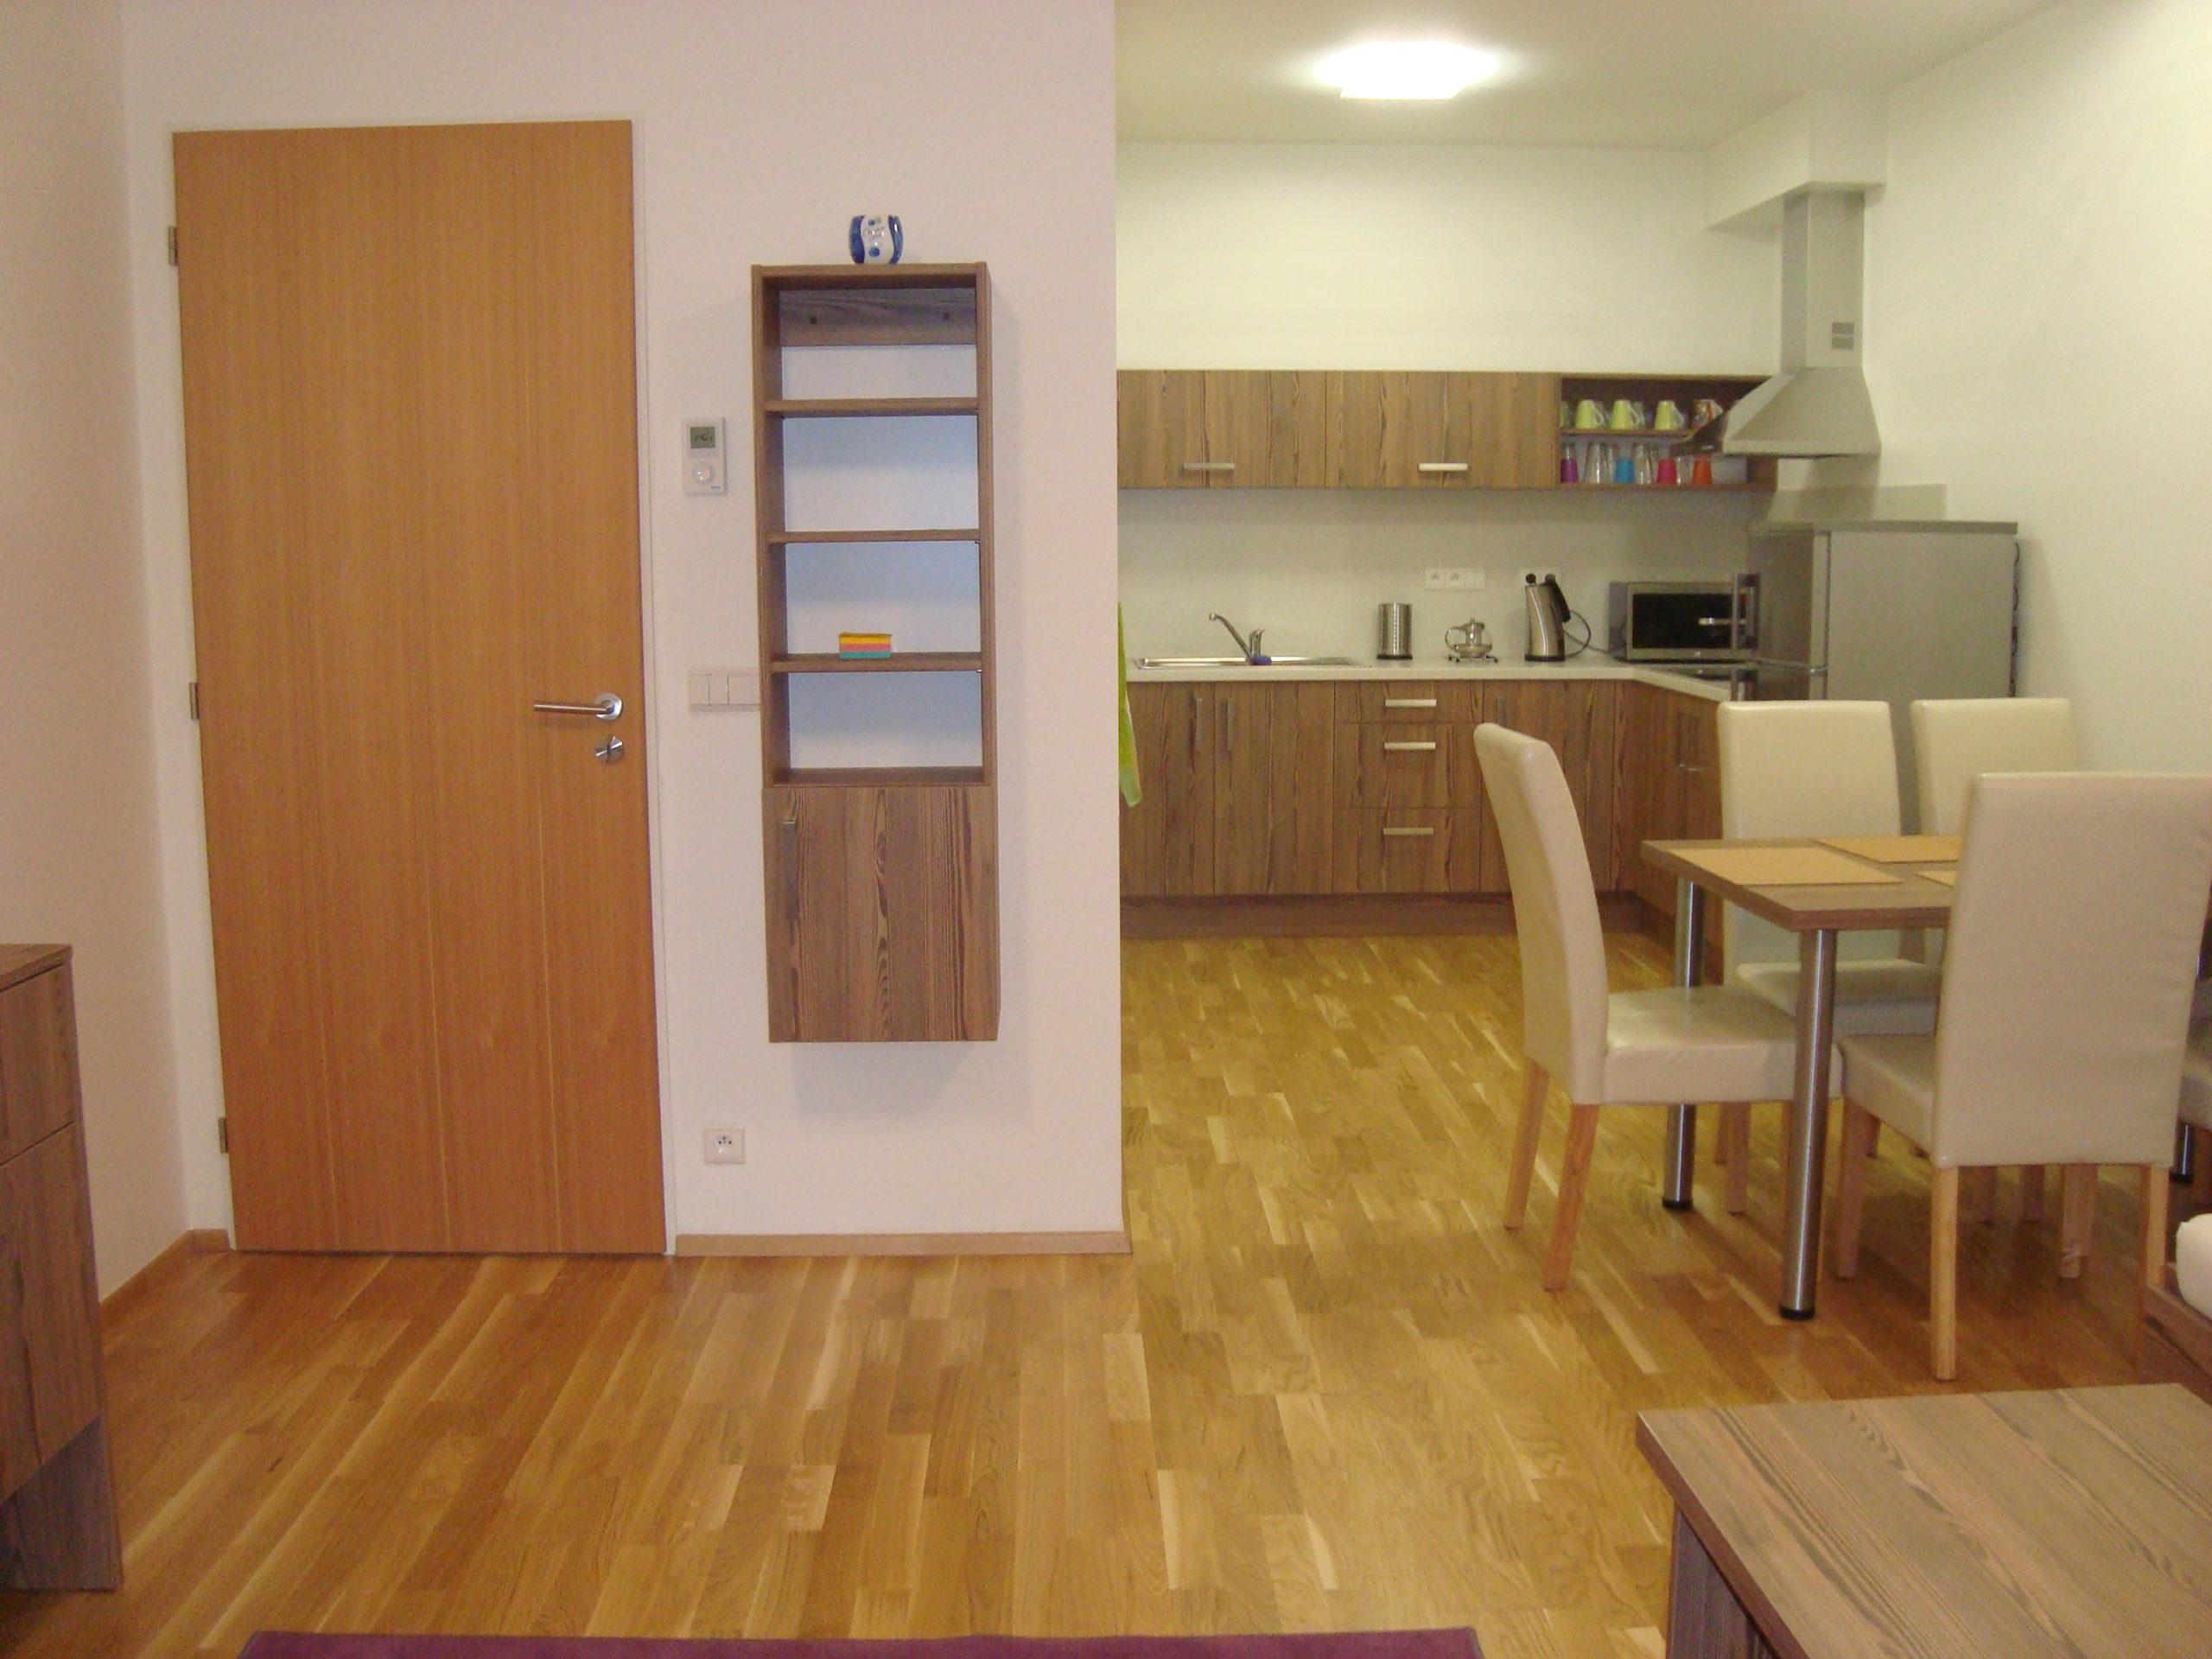 ubytování pro rodinu v apartmánu s plně vybavenou kuchyní